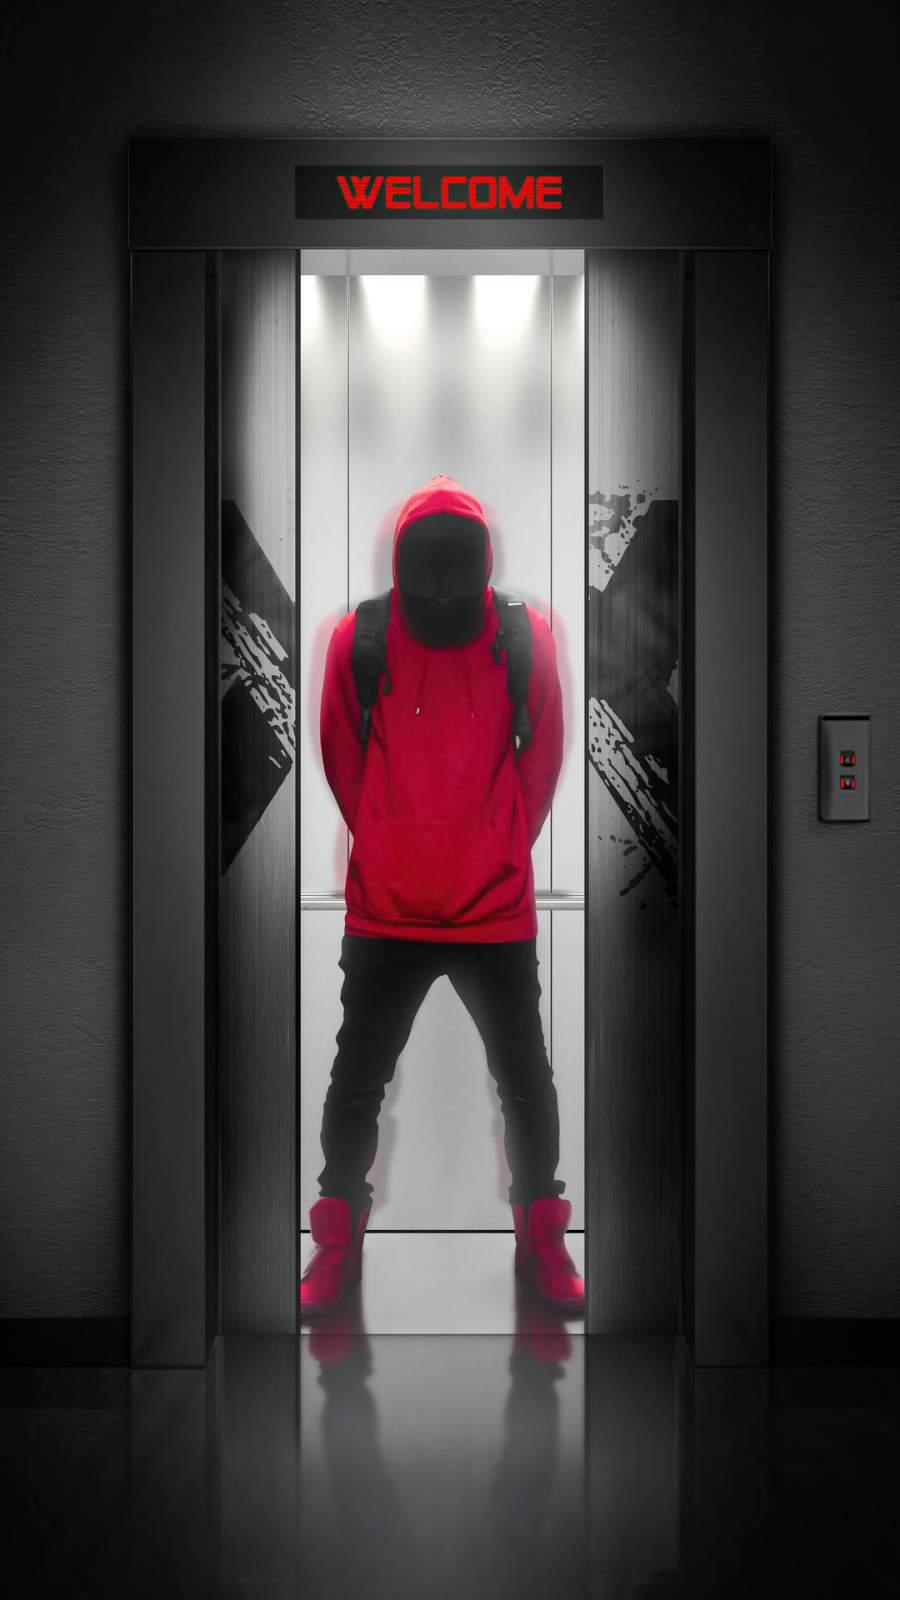 Hoodie Guy in Elevator